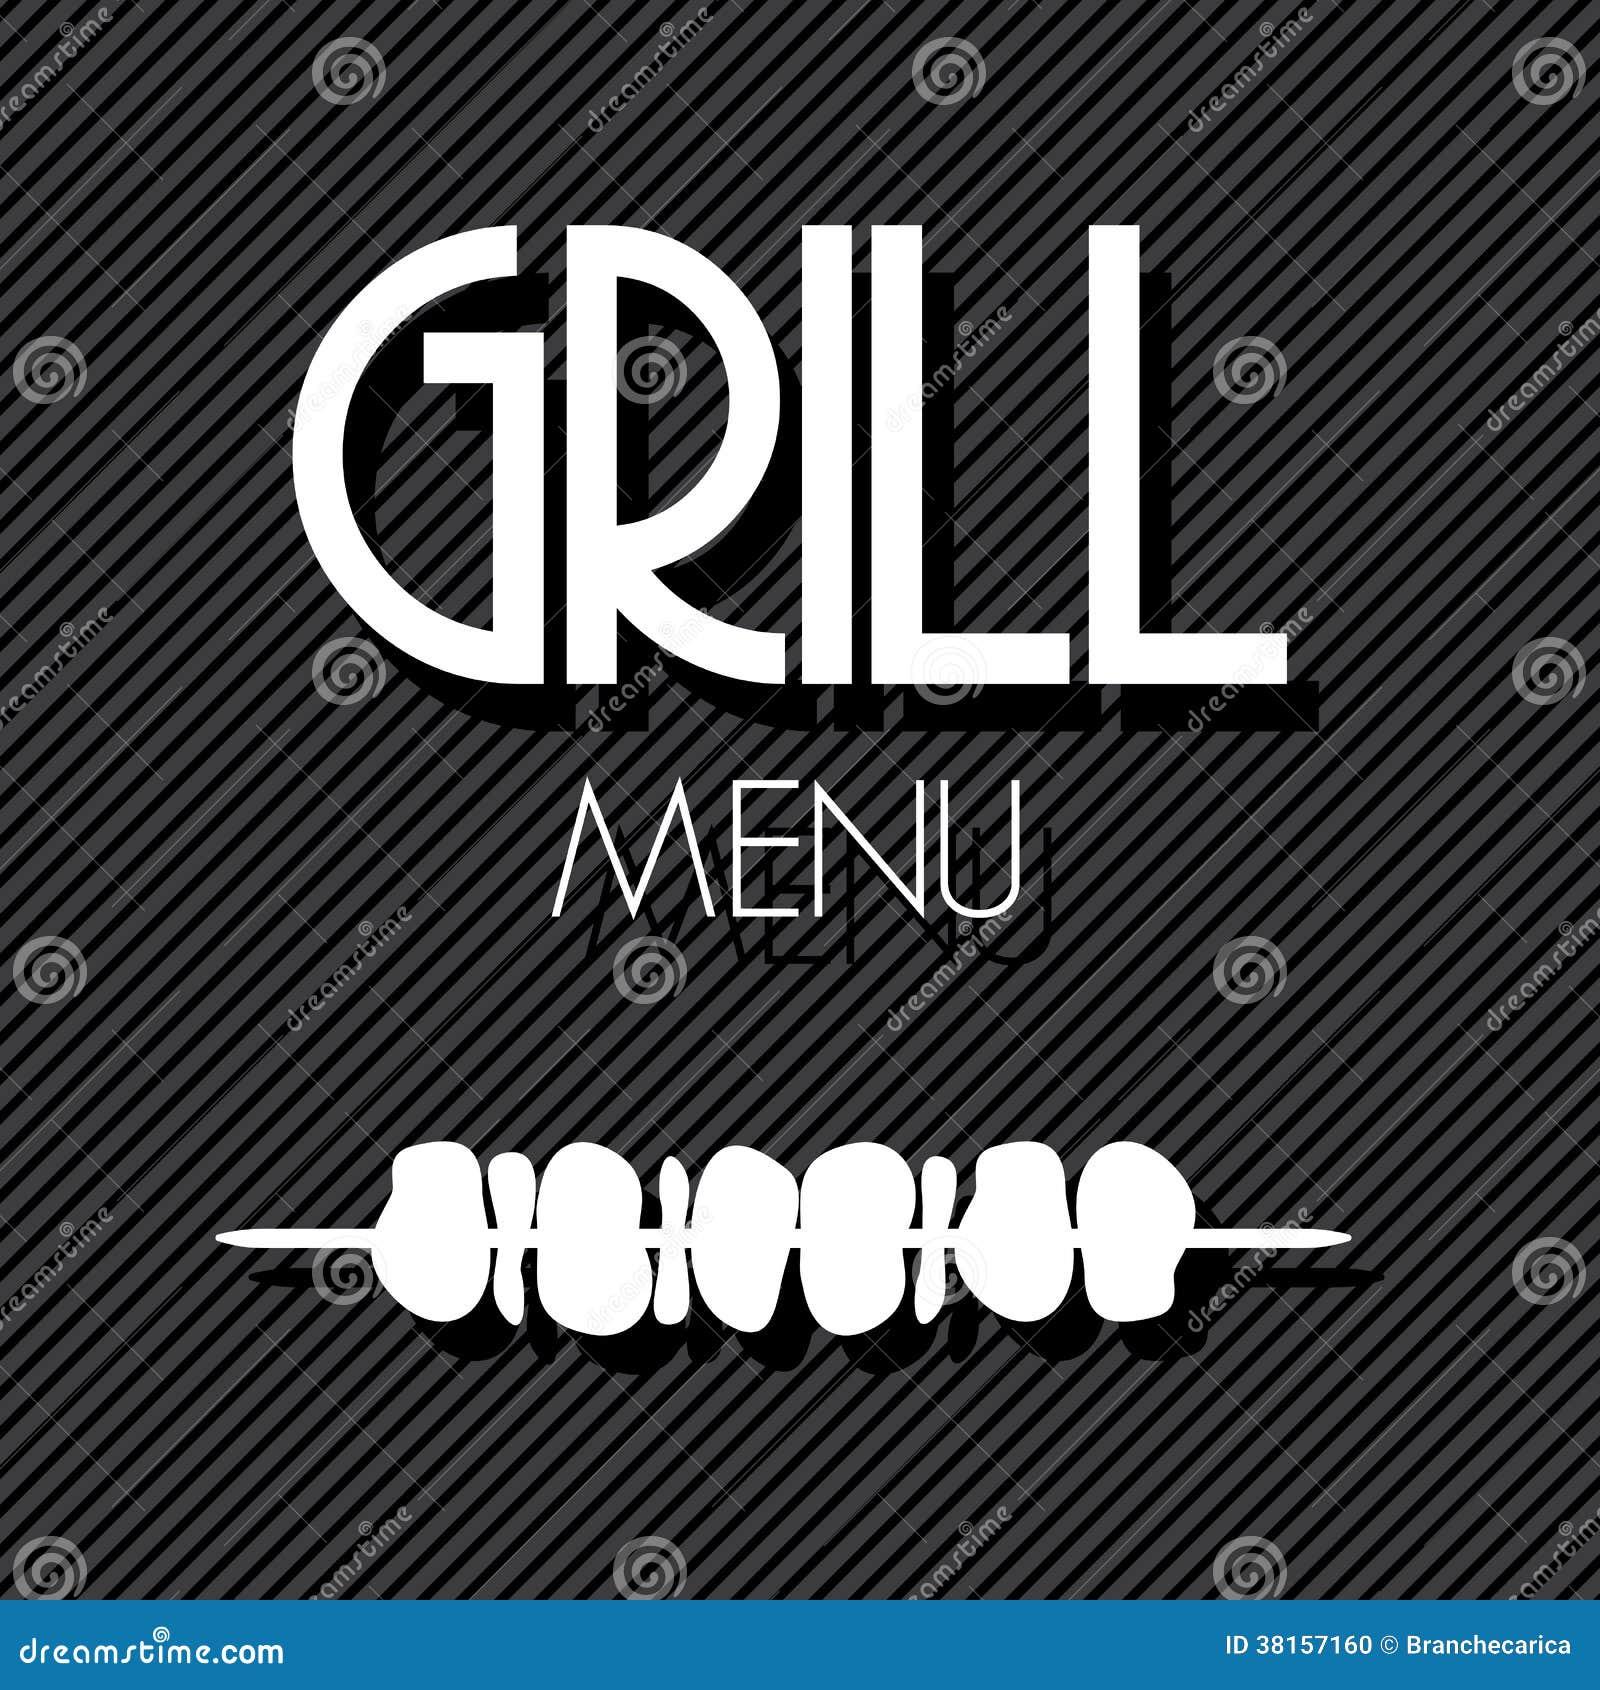 Grilla grill